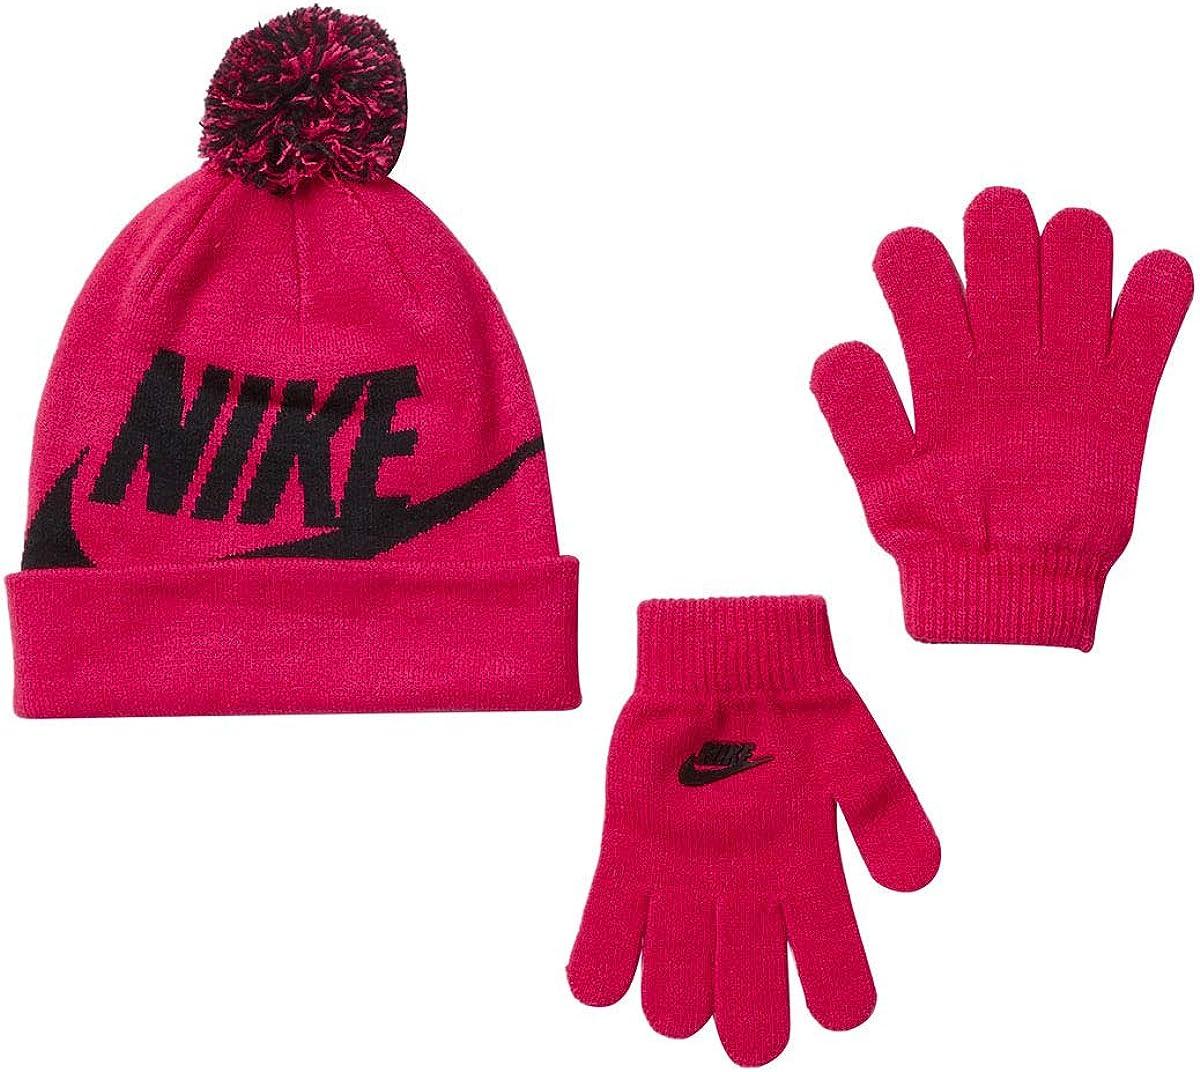 Genuine Winter Nike Kids Boys Girls Beanie Glove Set Warm One Size fits most